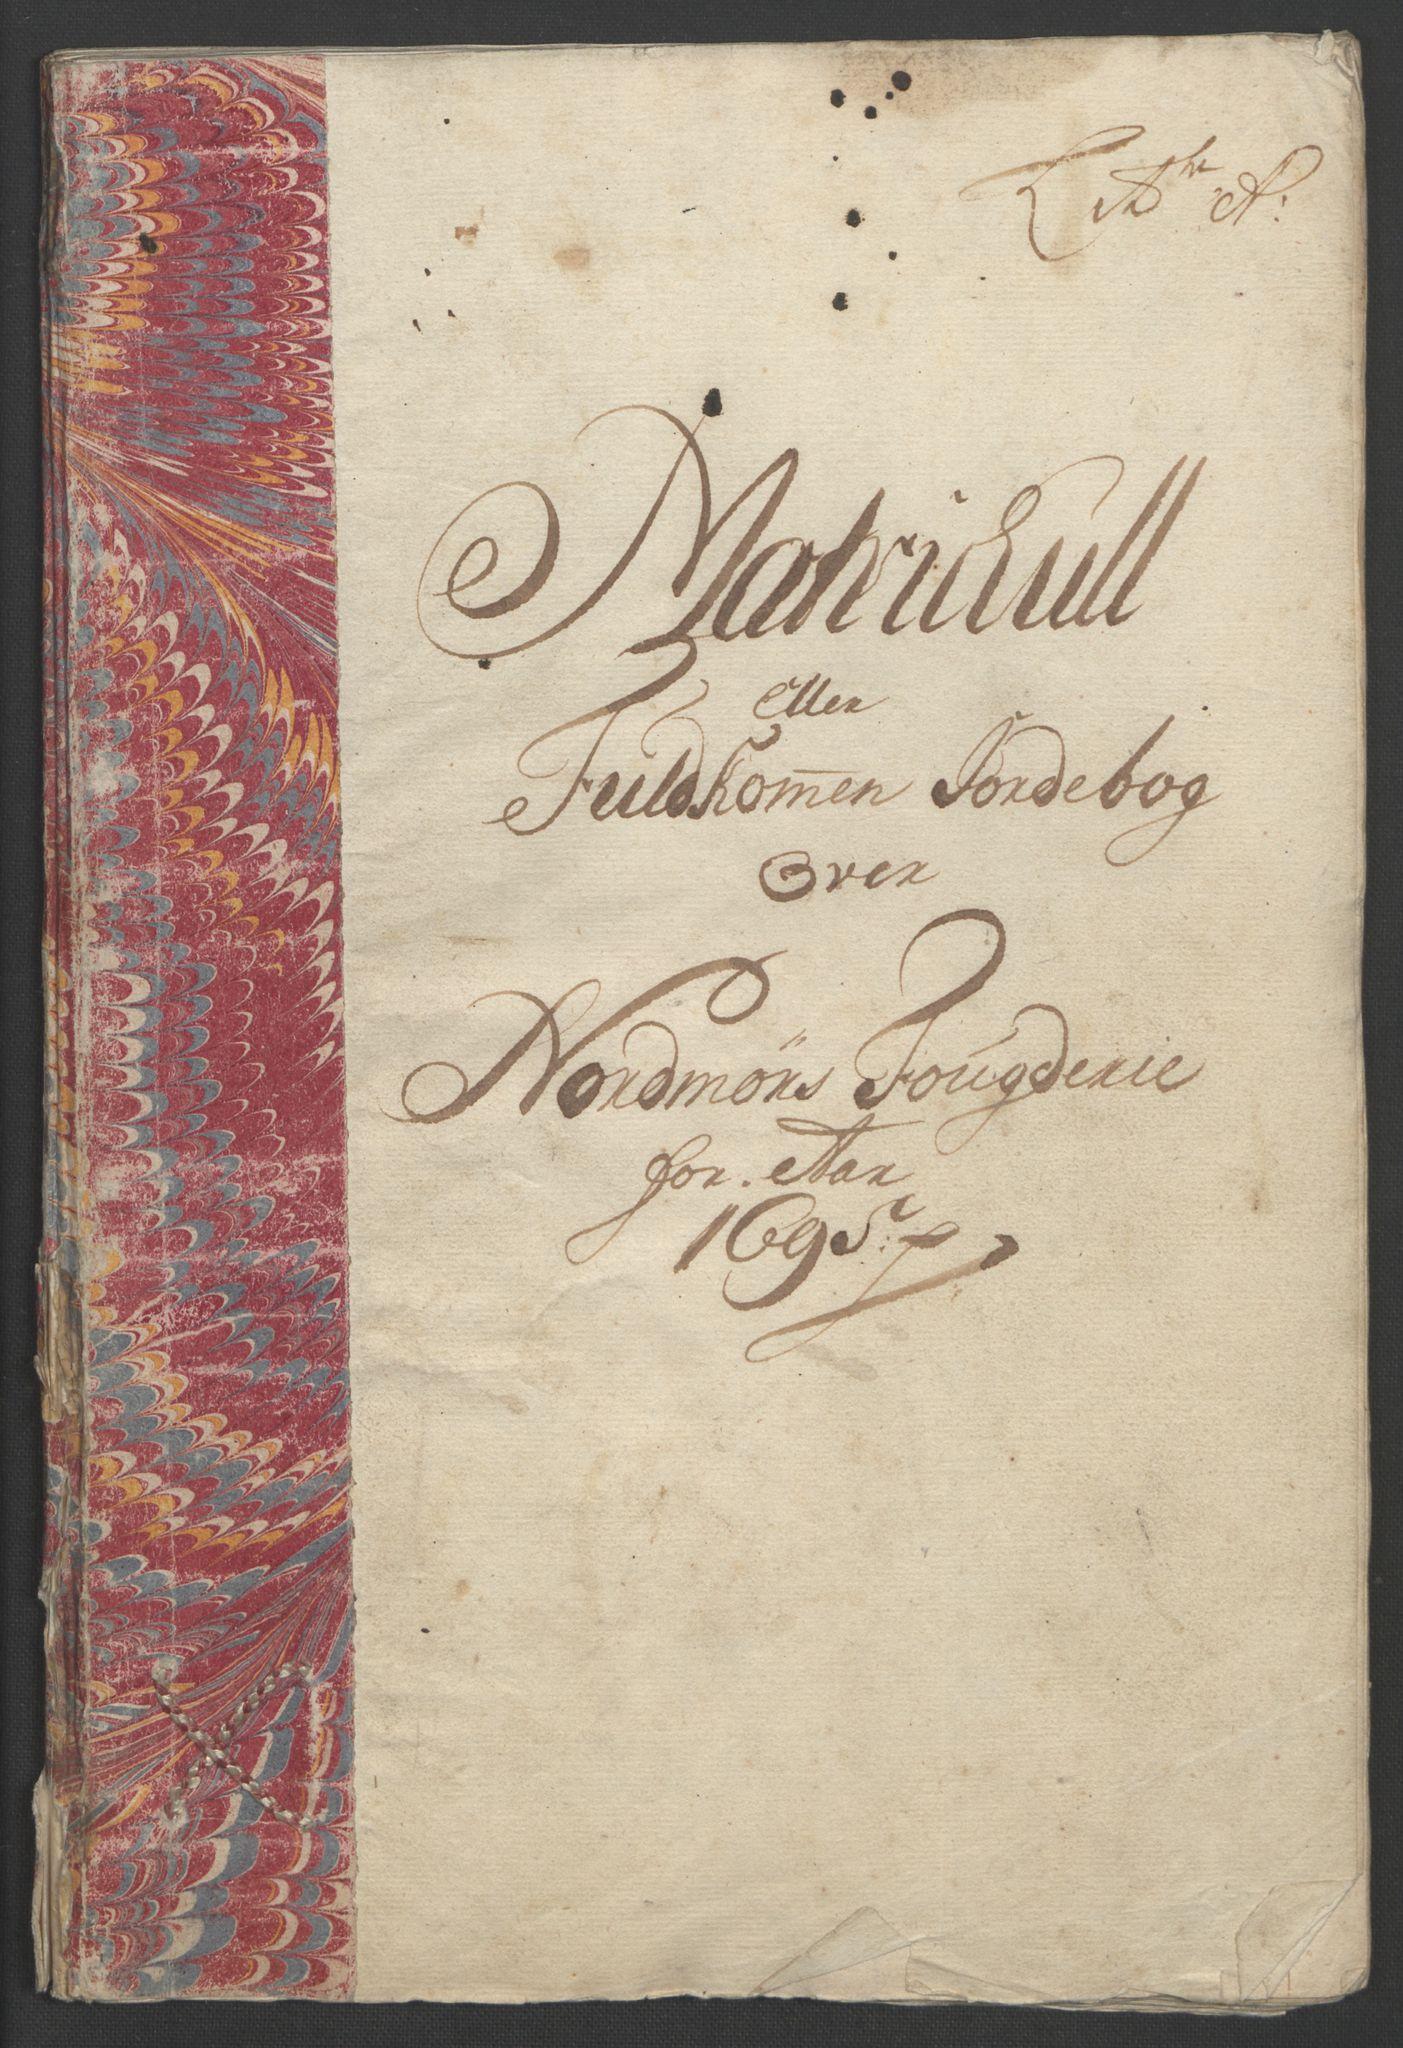 RA, Rentekammeret inntil 1814, Reviderte regnskaper, Fogderegnskap, R56/L3736: Fogderegnskap Nordmøre, 1694-1696, s. 191